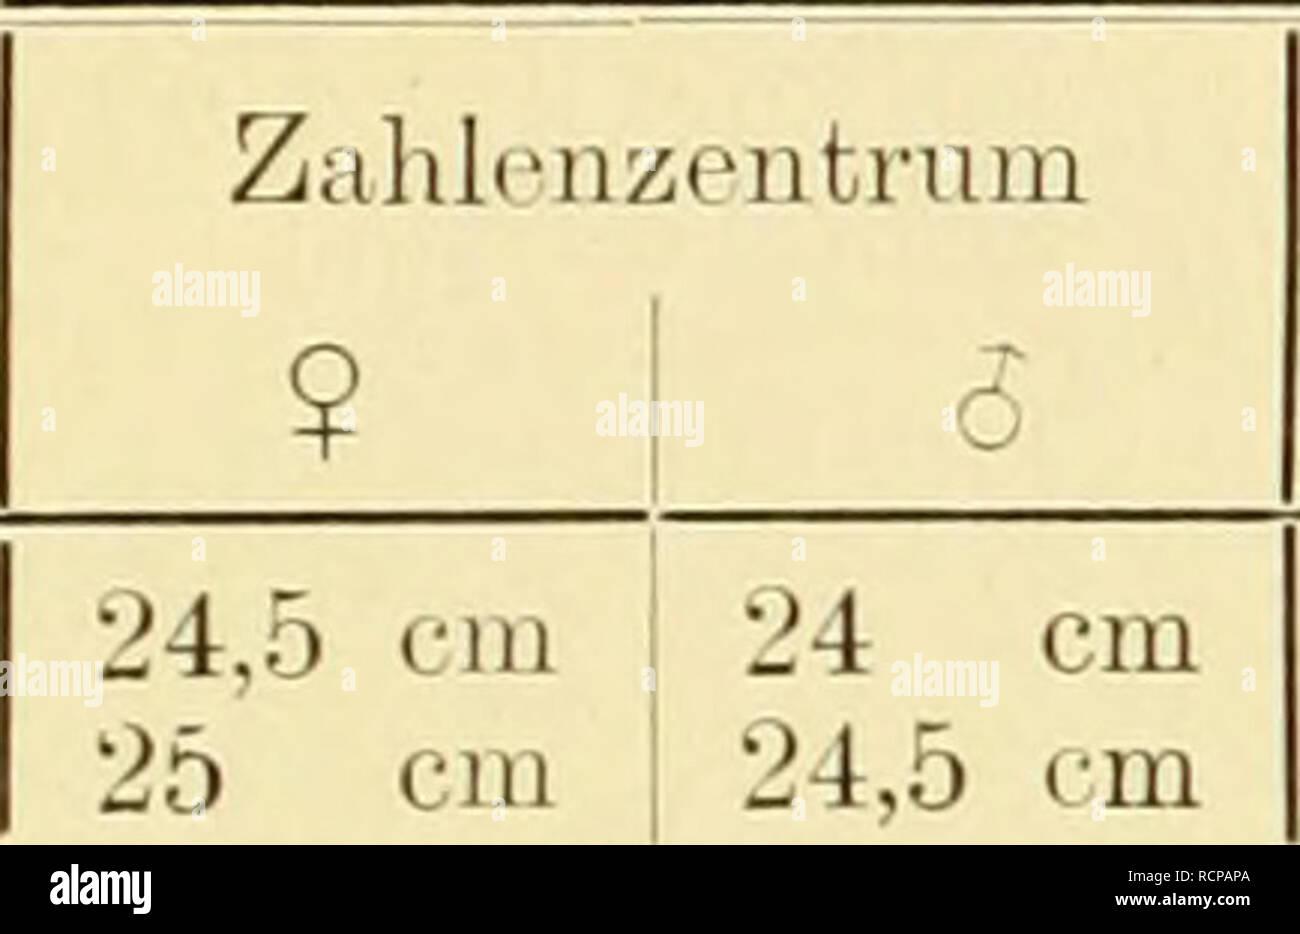 Alte Berufe Bauer Alte Kette Eisenkette Old Iron Chain 23+44+44cm Wir Haben Lob Von Kunden Gewonnen